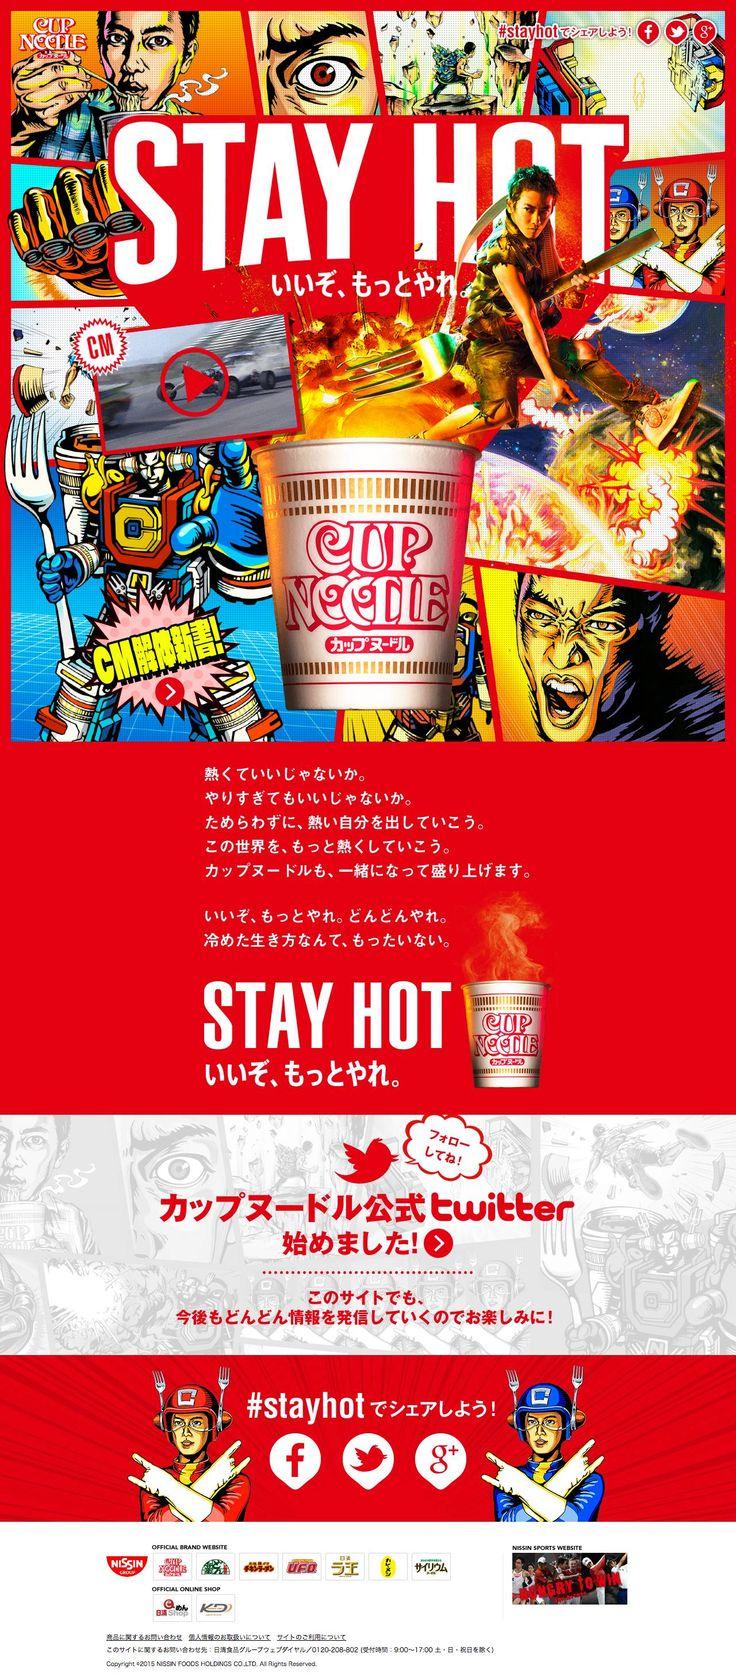 http://www.cupnoodle.jp/stayhot/